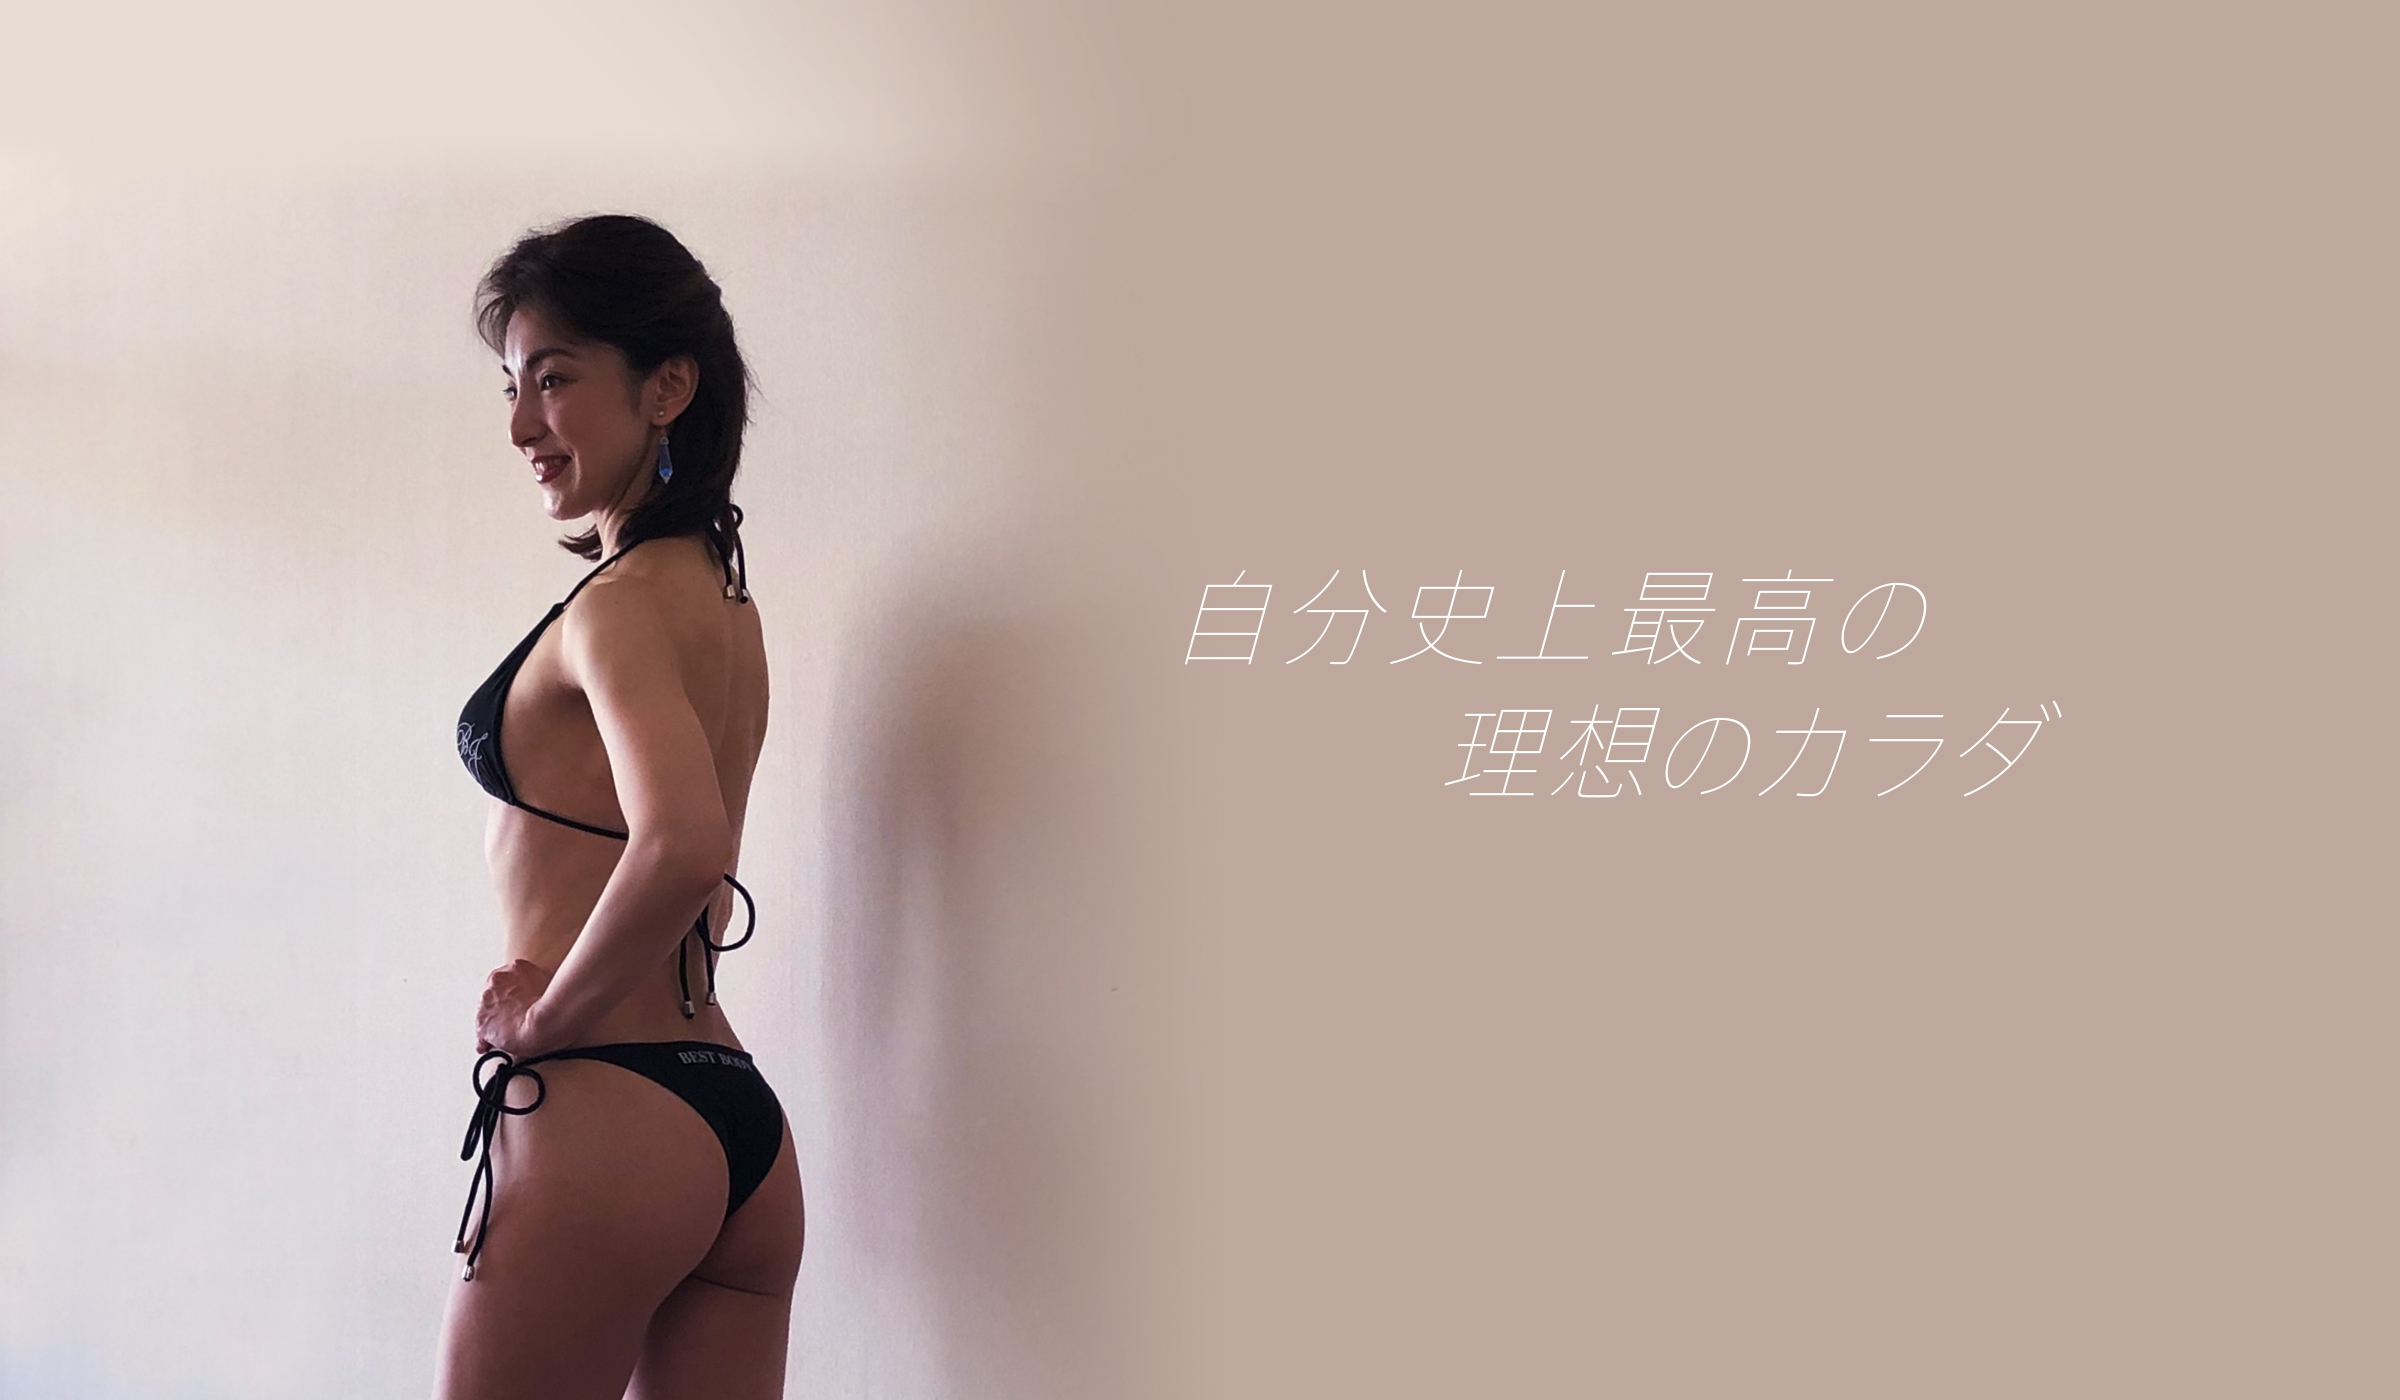 後ろ姿も美しい トレーニング女性